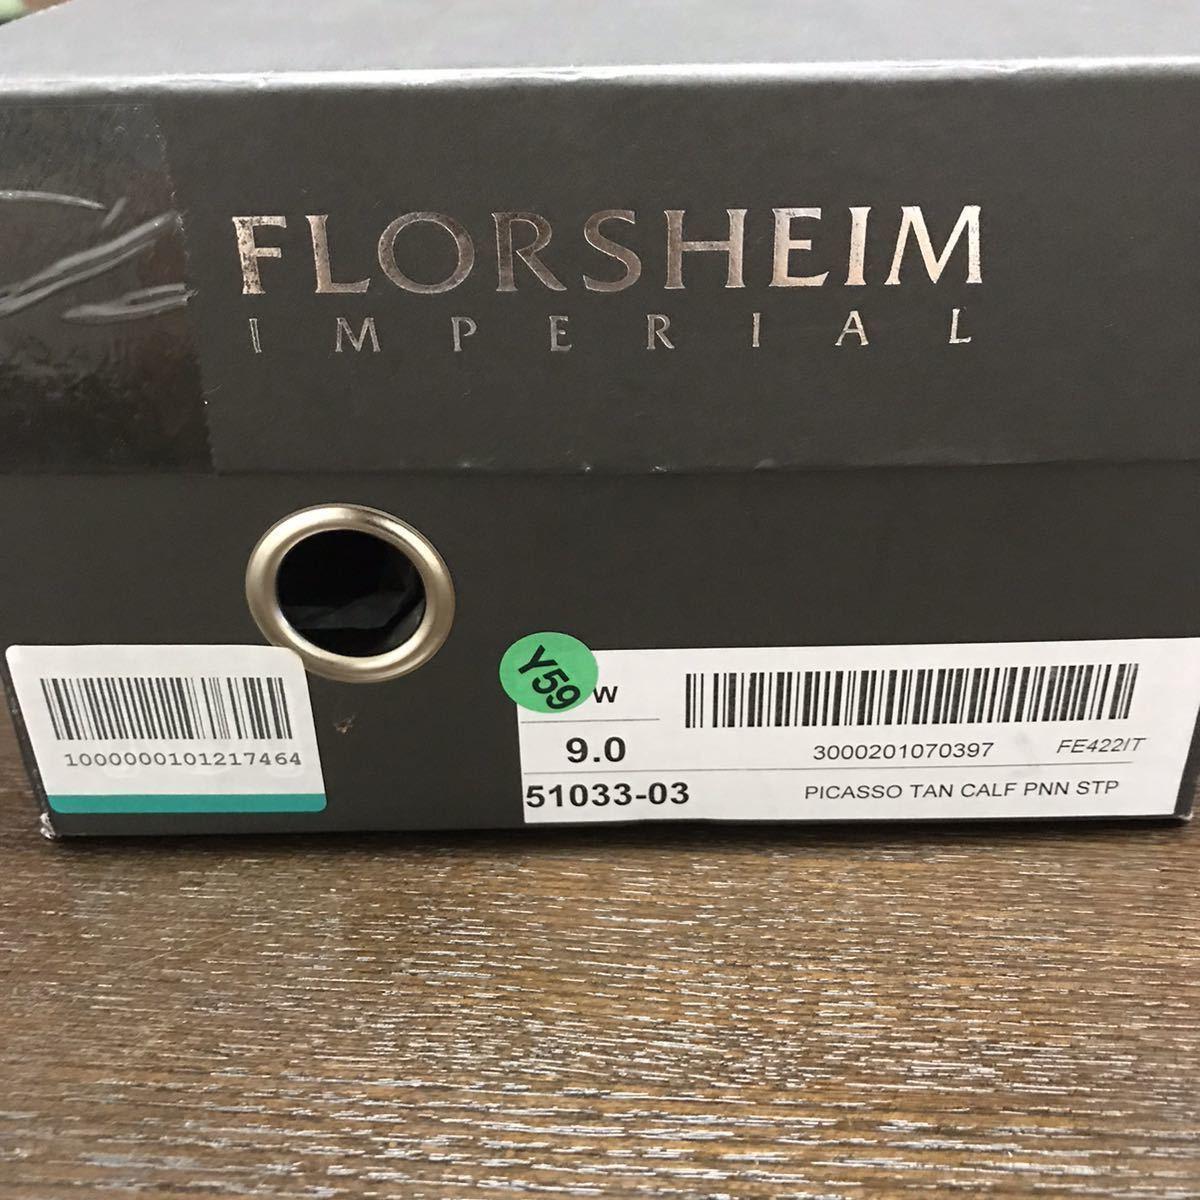 即決【送料0税0】新品 メンズ [UK9]28.0cm相当 4.8万 FLORSHEIM IMPERIAL フローシャイム 革靴 コインローファー モカシン レザーシューズ_画像10